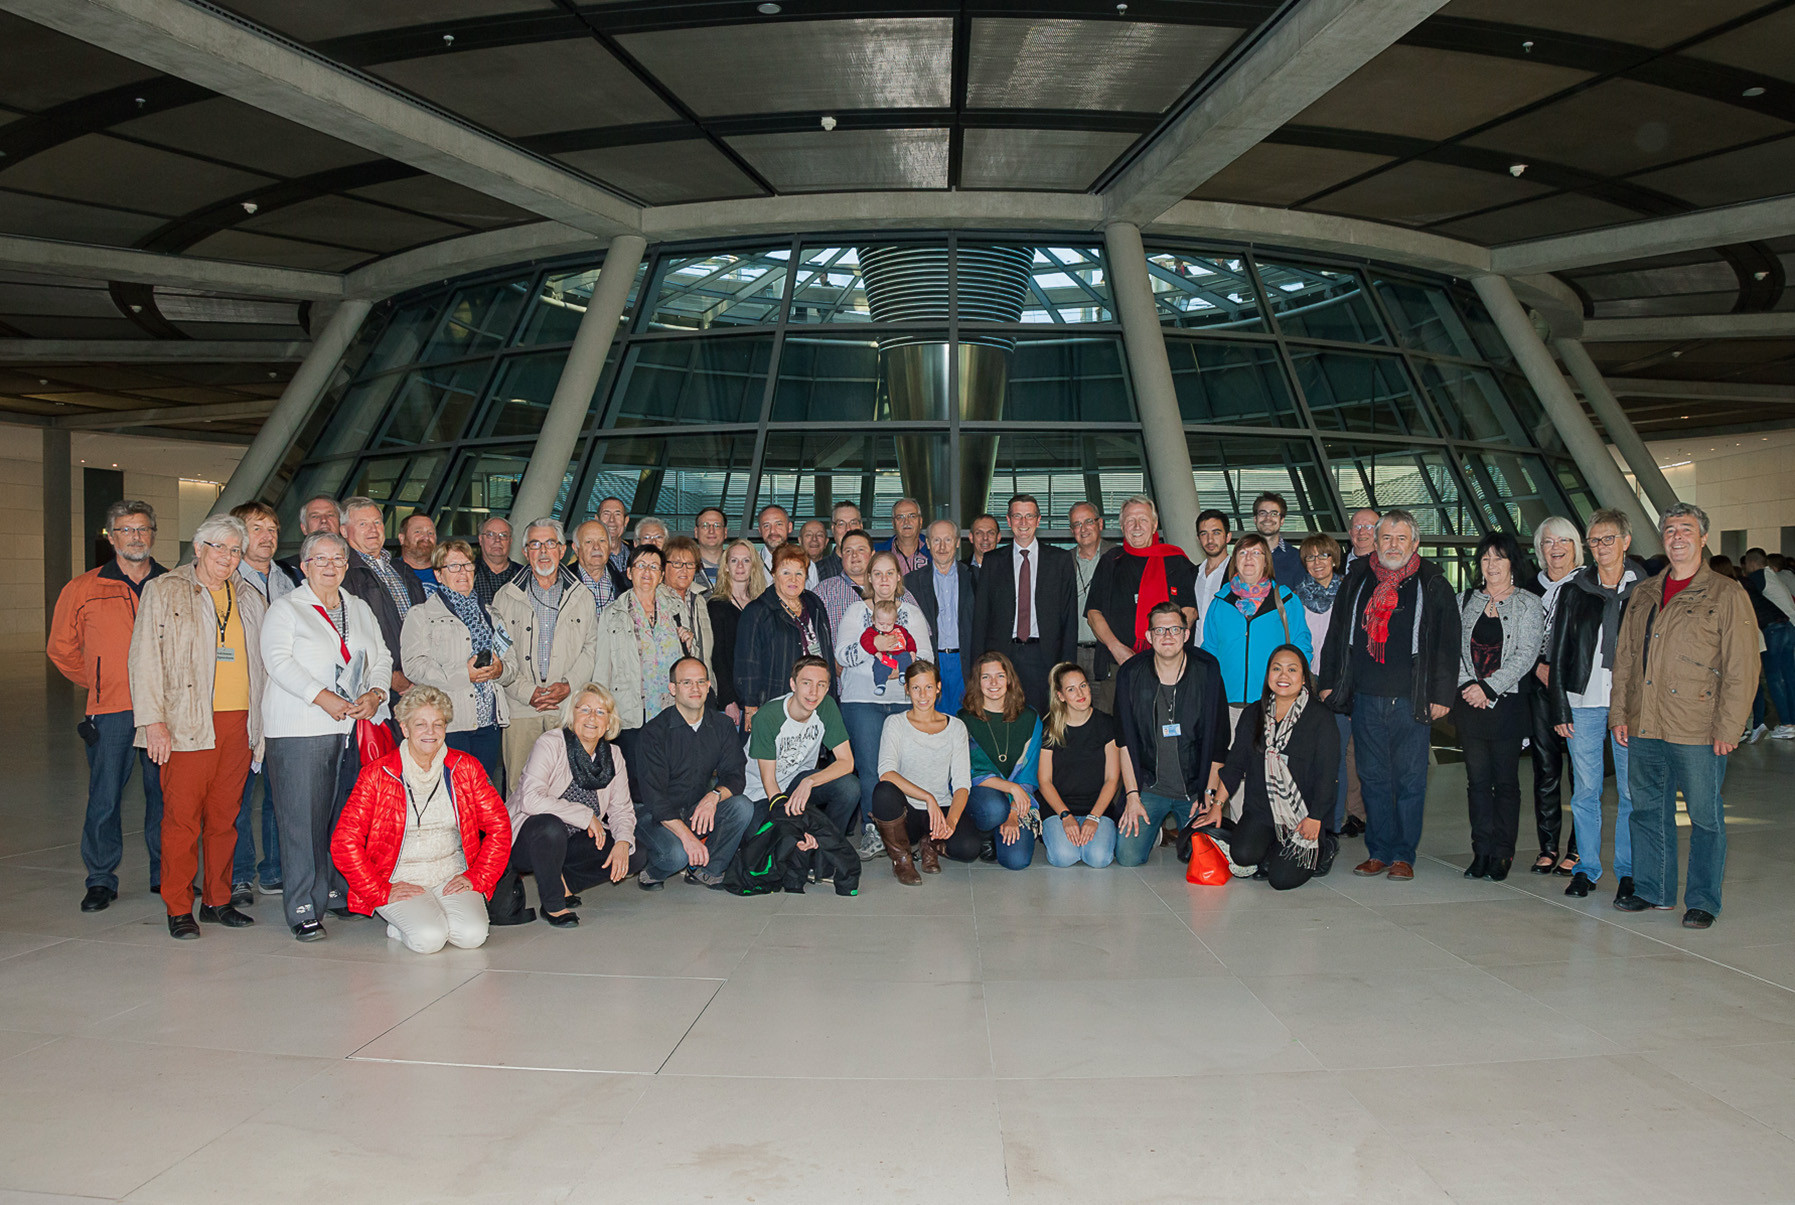 Teilnehmer der Berlinfahrt vom 29.09. - 02.10.2015 mit MdB Martin Rabanus